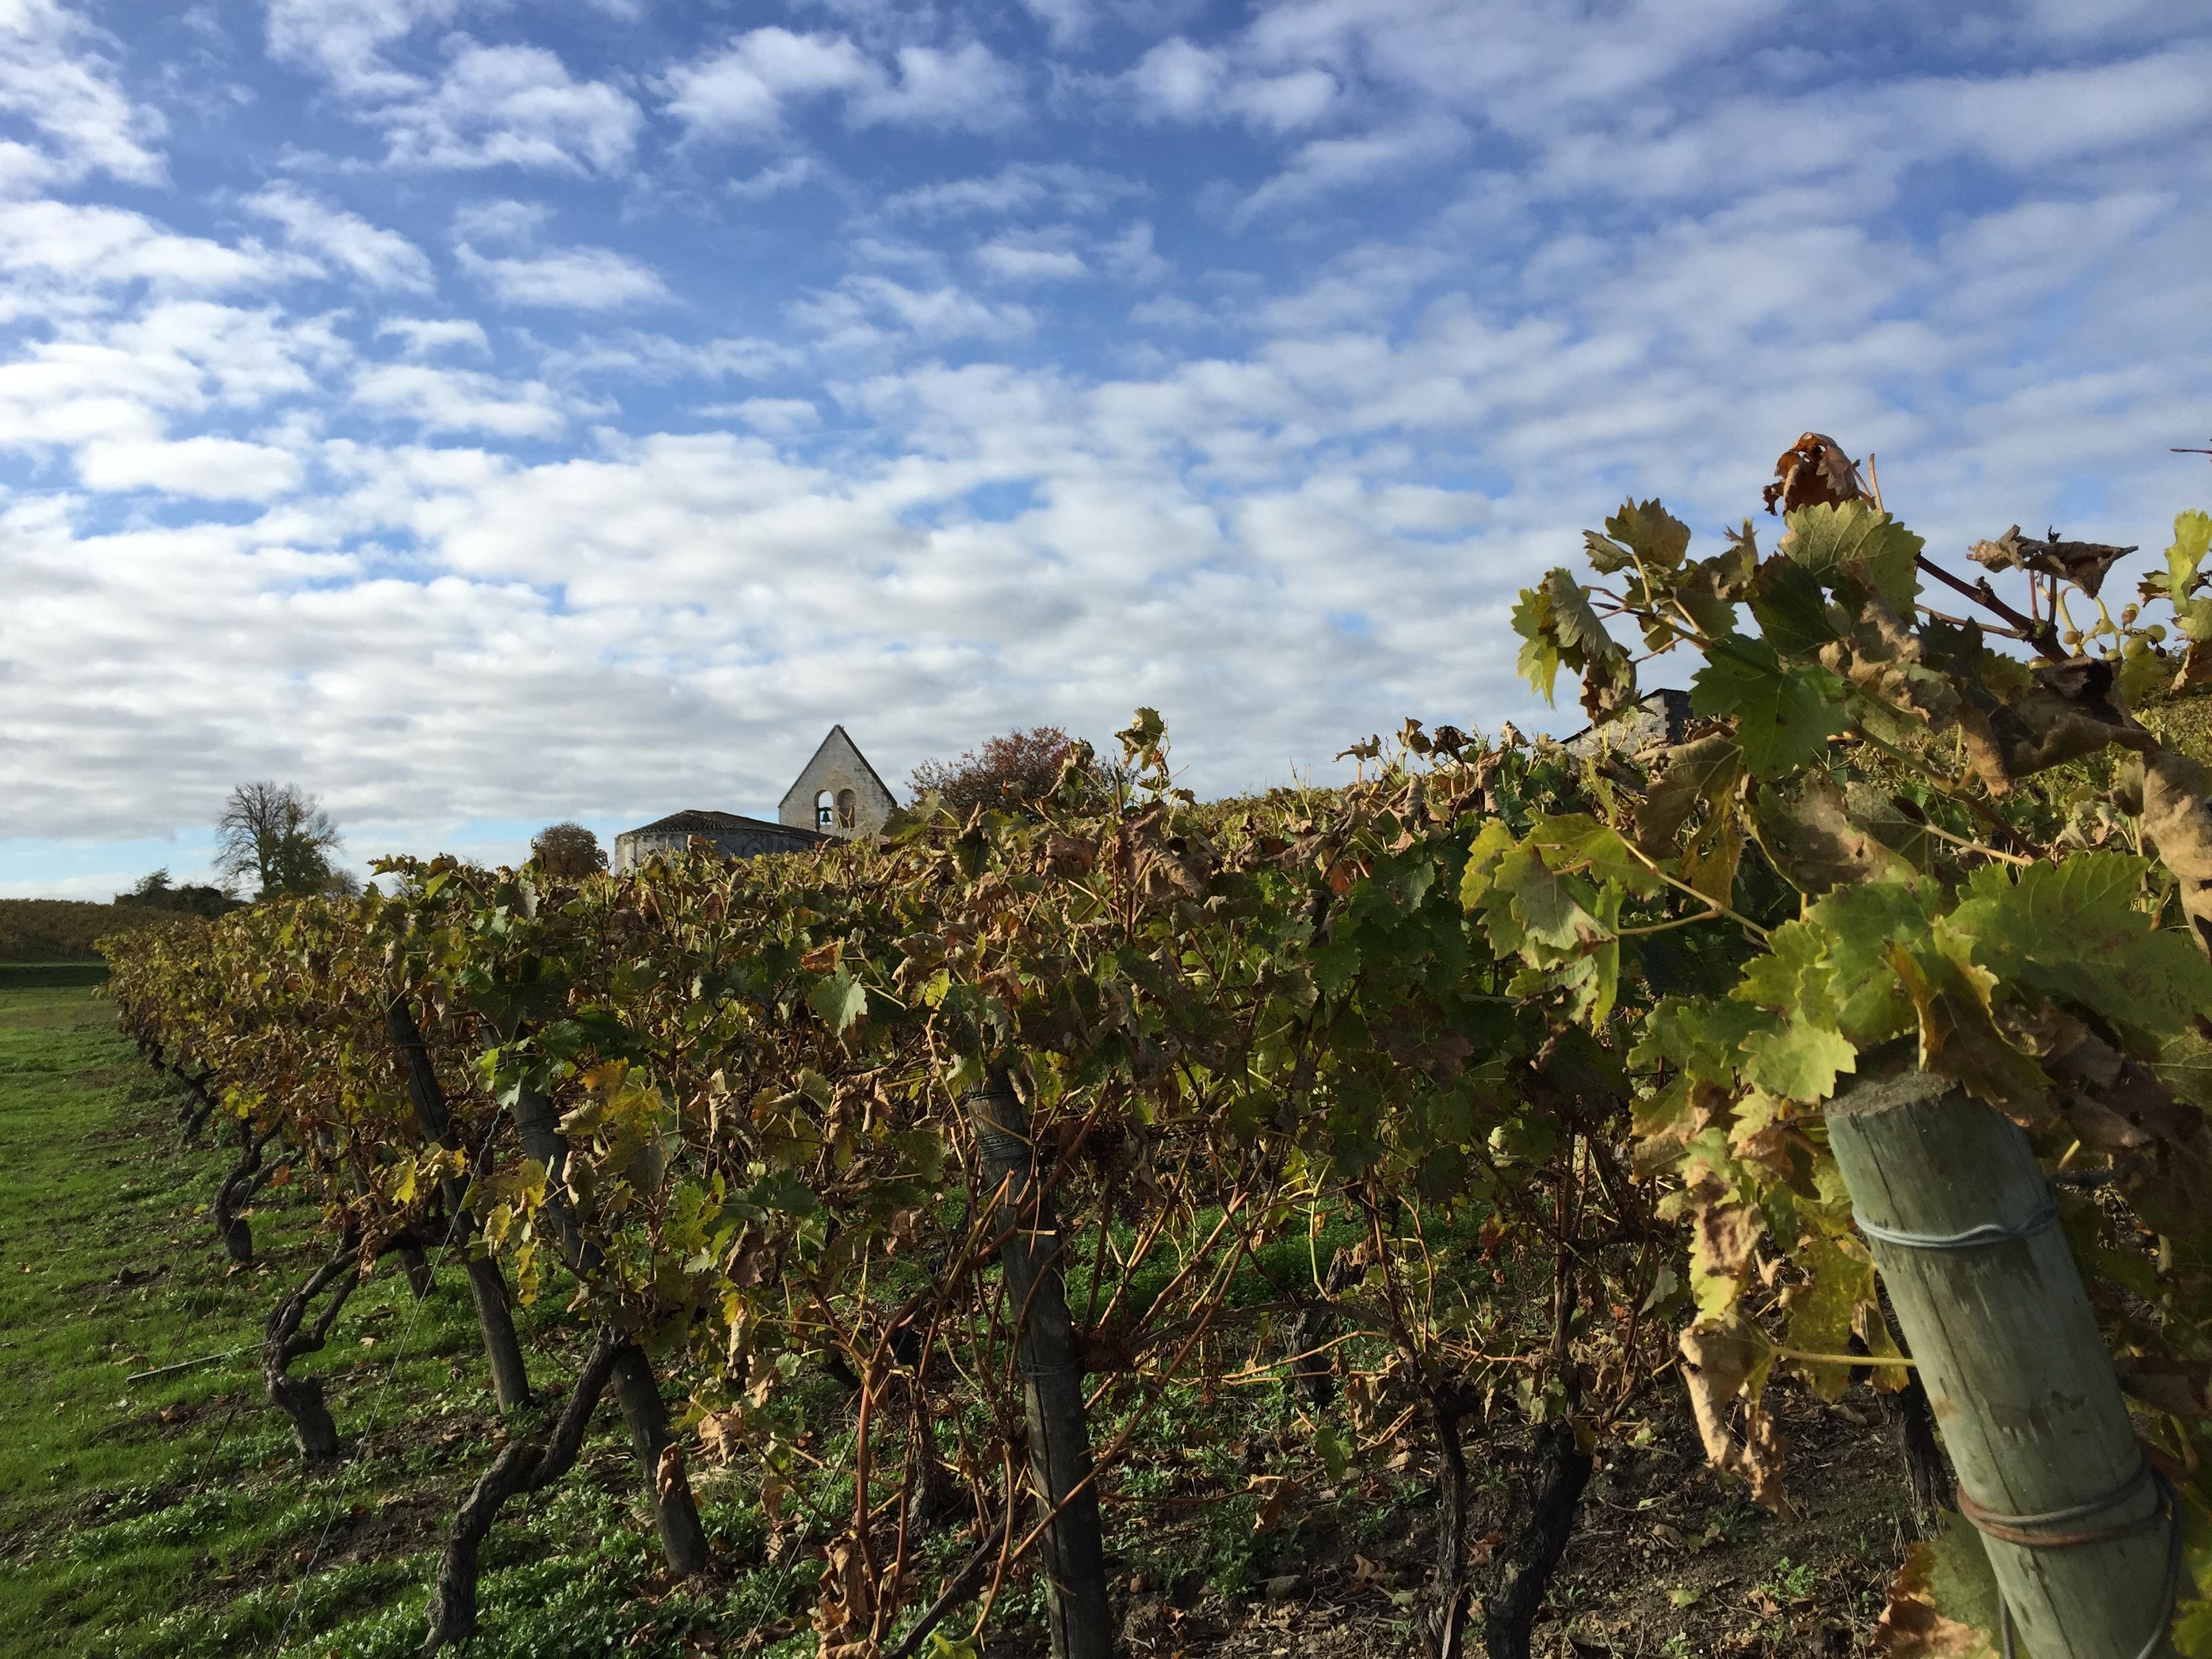 livingincognac-2016-autumn-in-vineyard